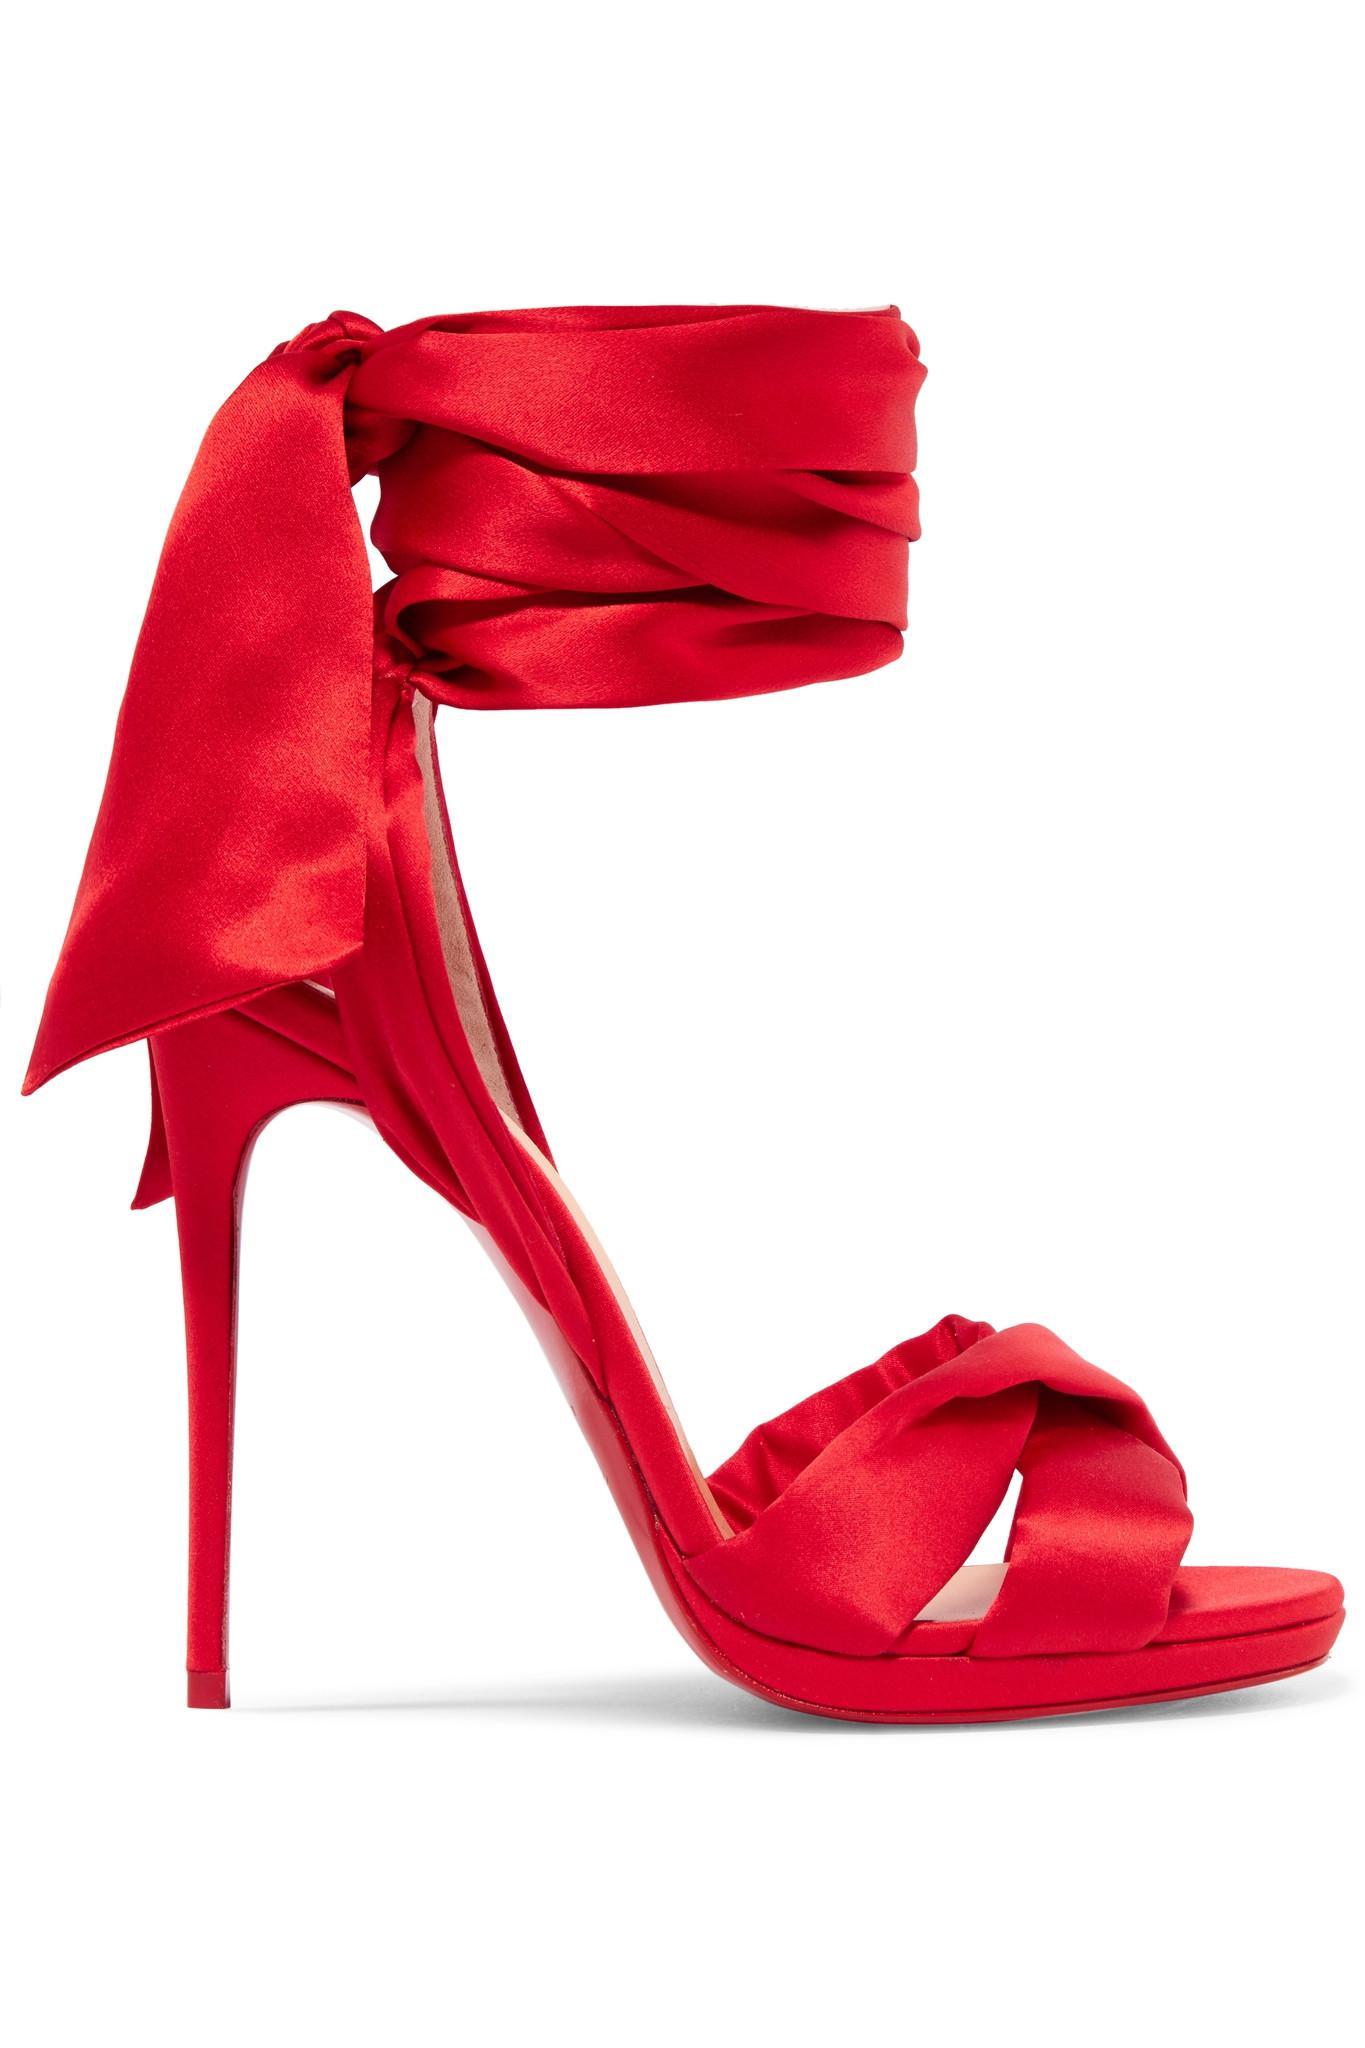 5eea7f82358 get louboutin satin sandals heels 65de4 c7ac3